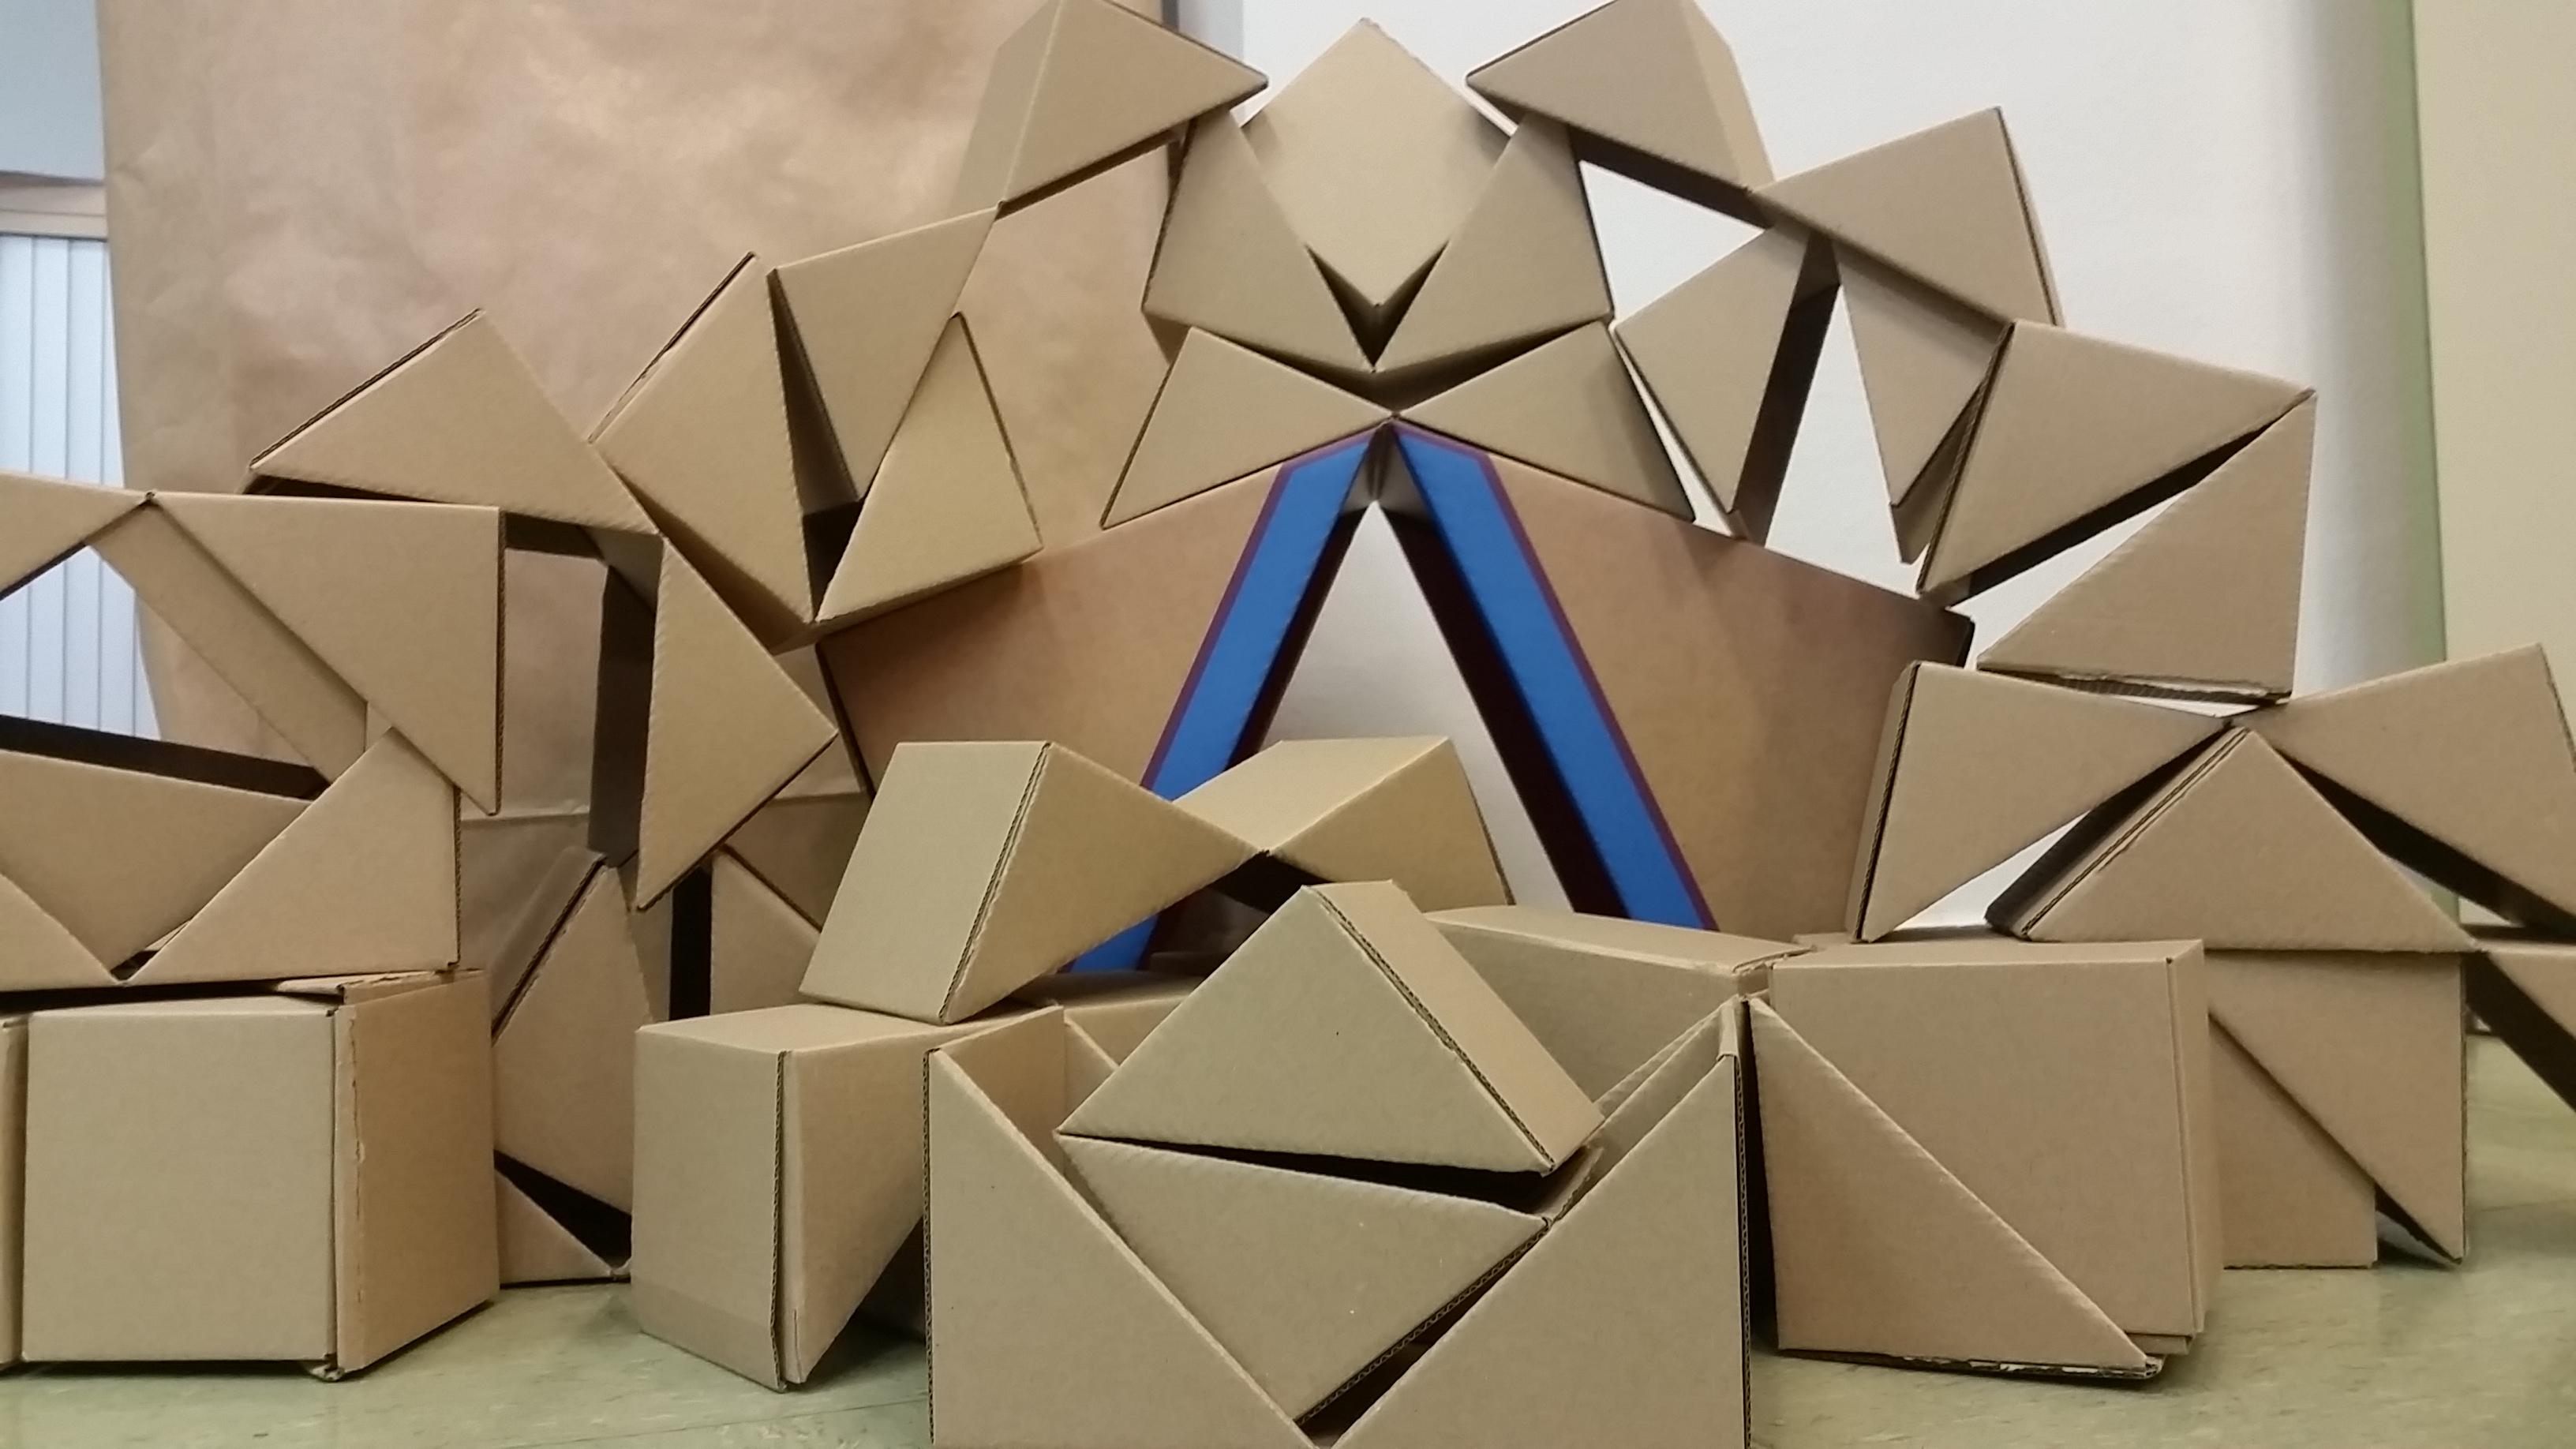 Construimos los cubos que nos regalaron de qbox